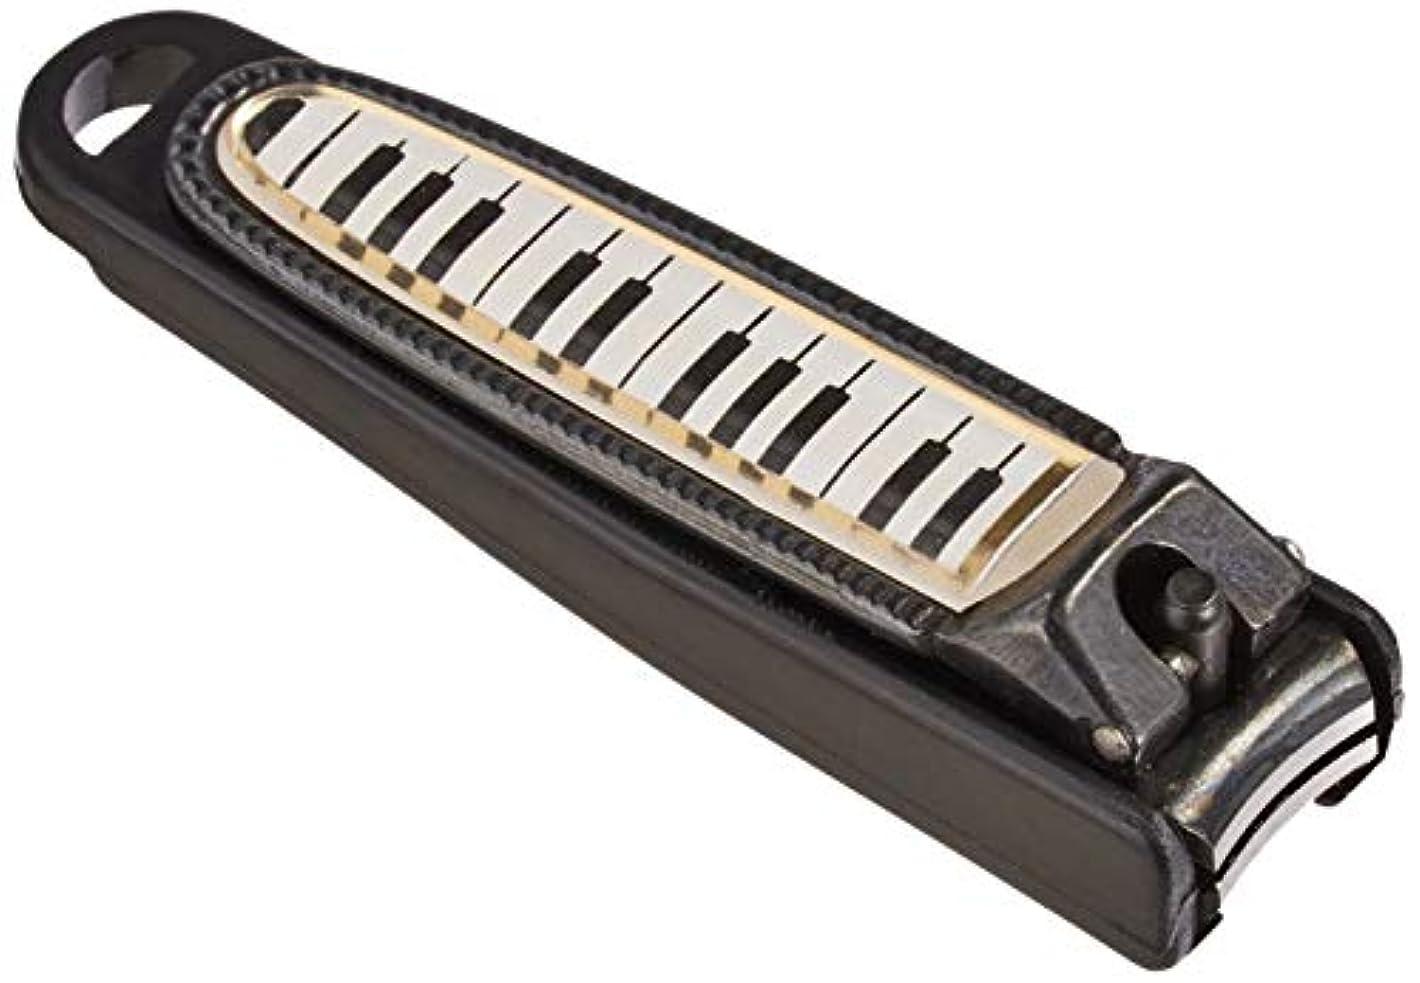 踏みつけ幸運ホバートナカノ 爪切り 鍵盤柄 ブラック NC-65/KB/BL